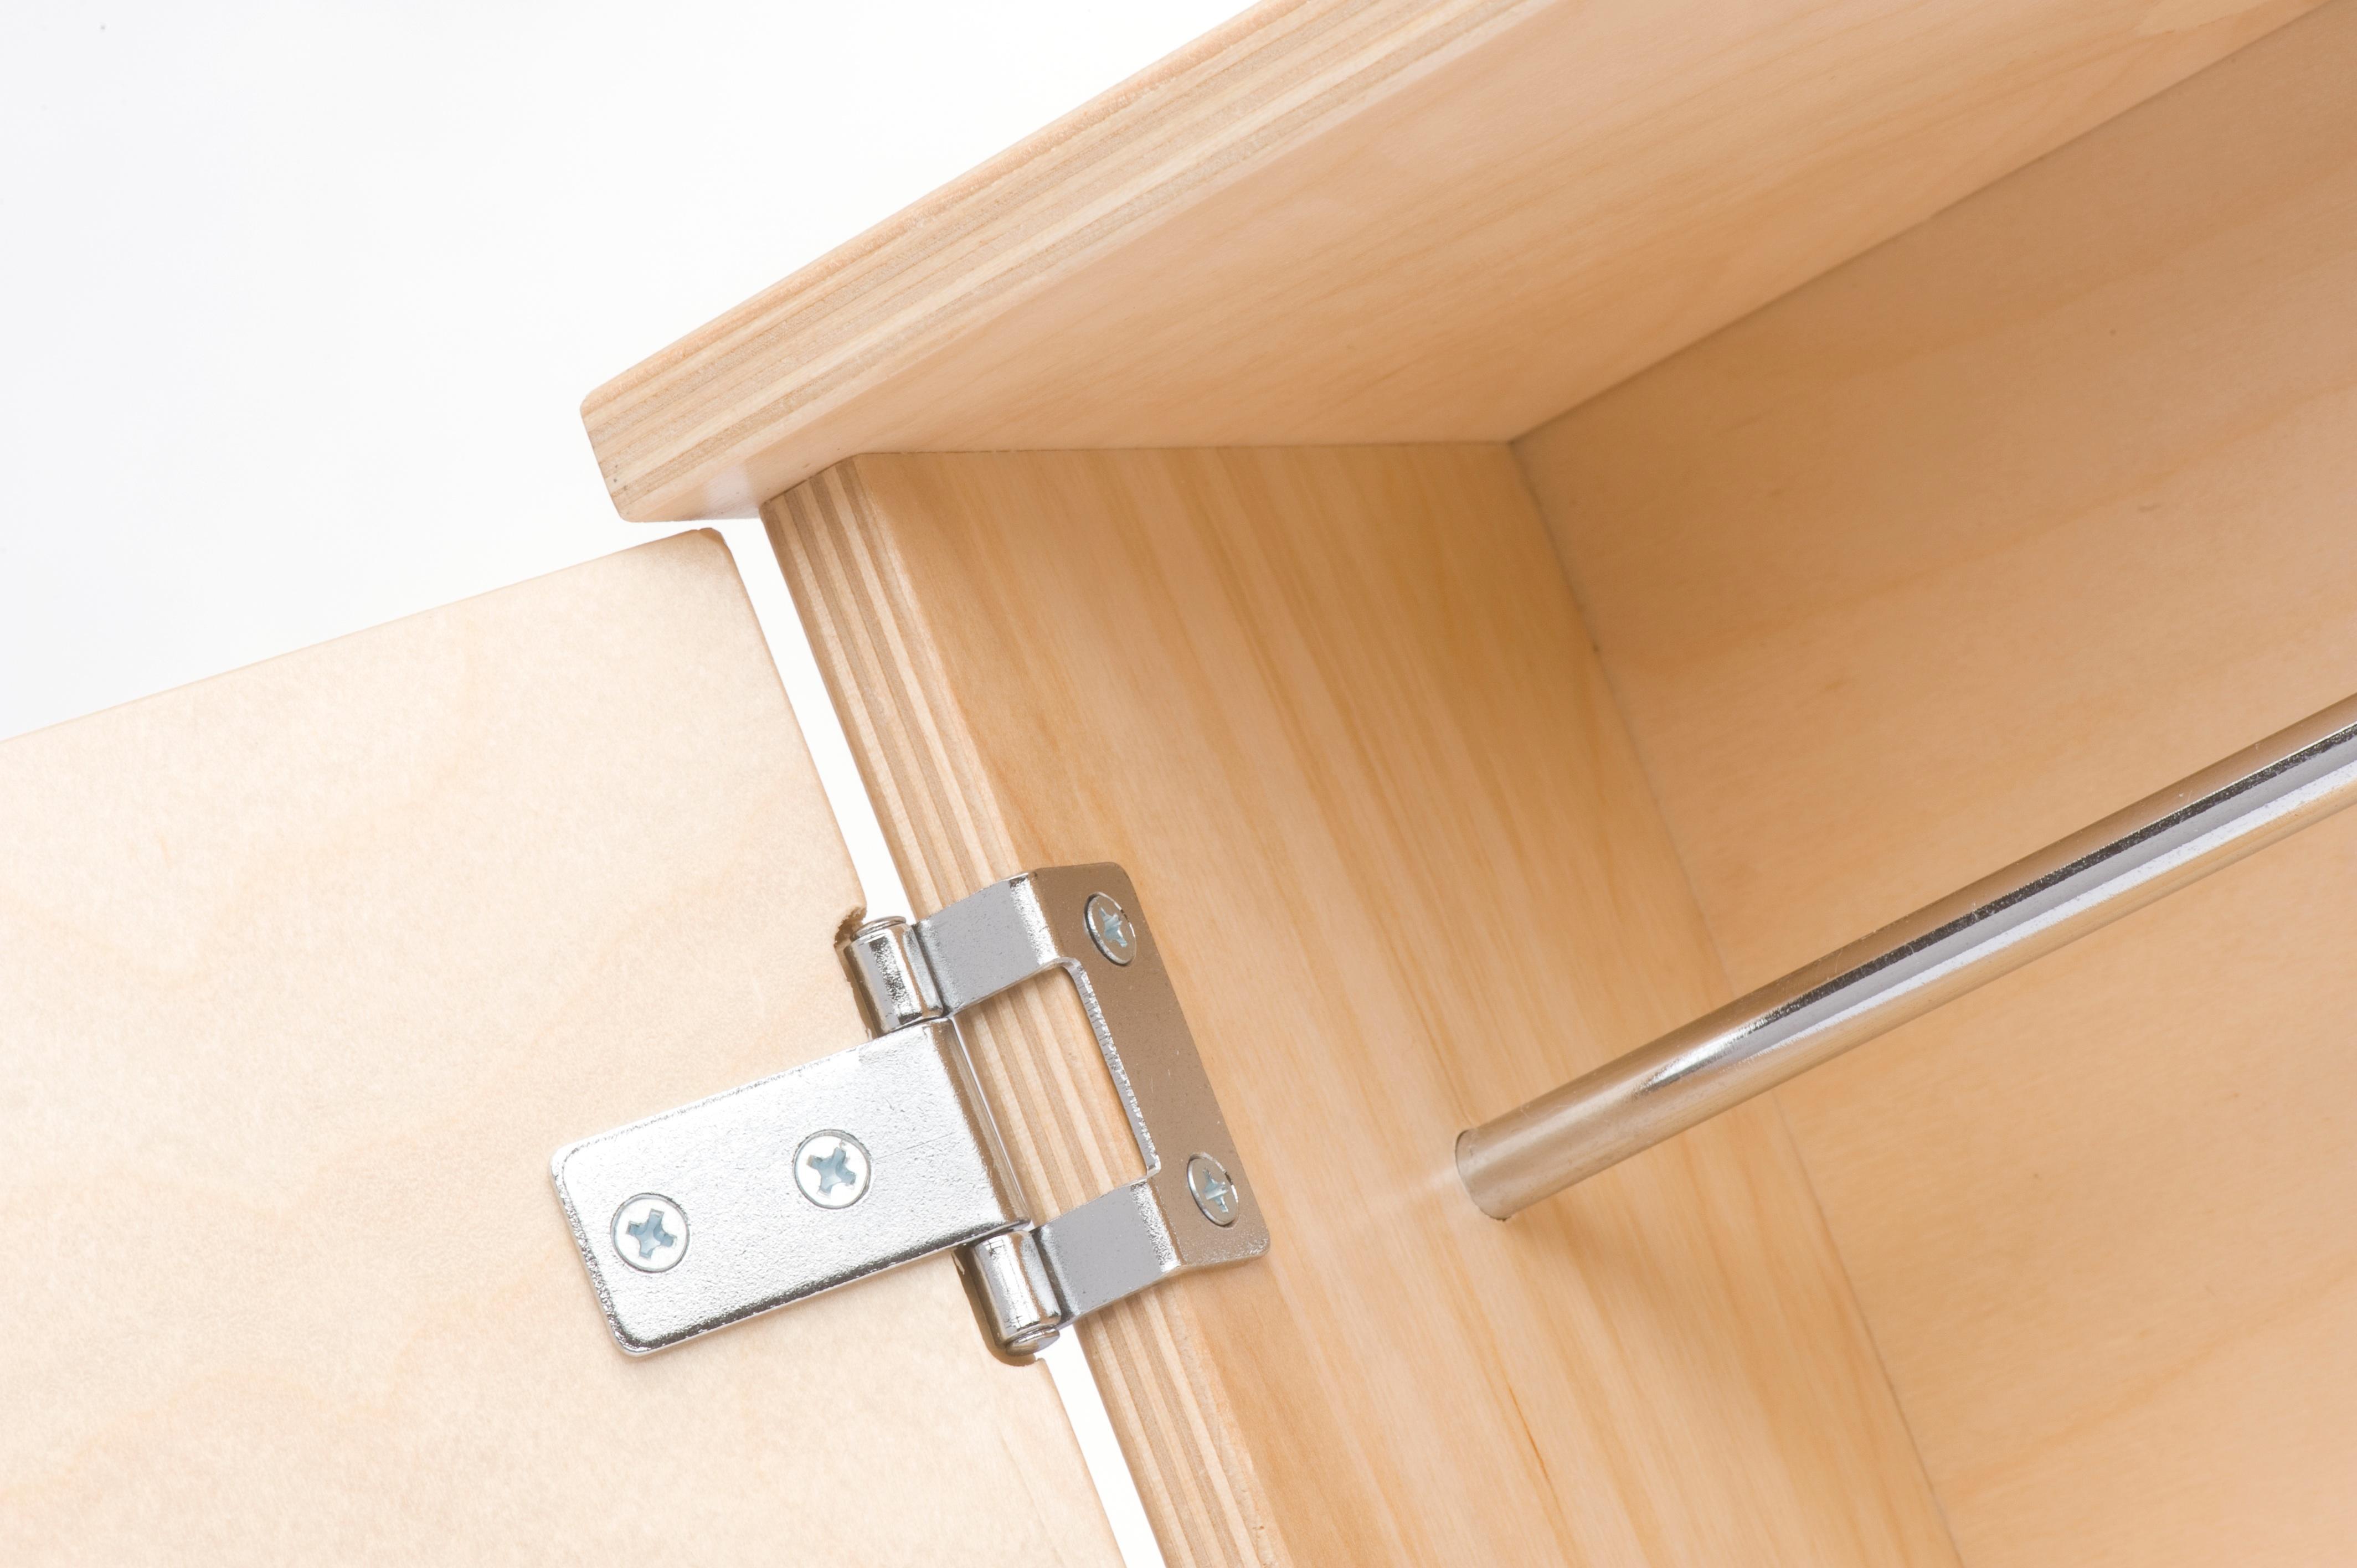 Ingyenes képek : mennyezet, polc, bútor, ajtó 4256x2832 - - 144874 ...